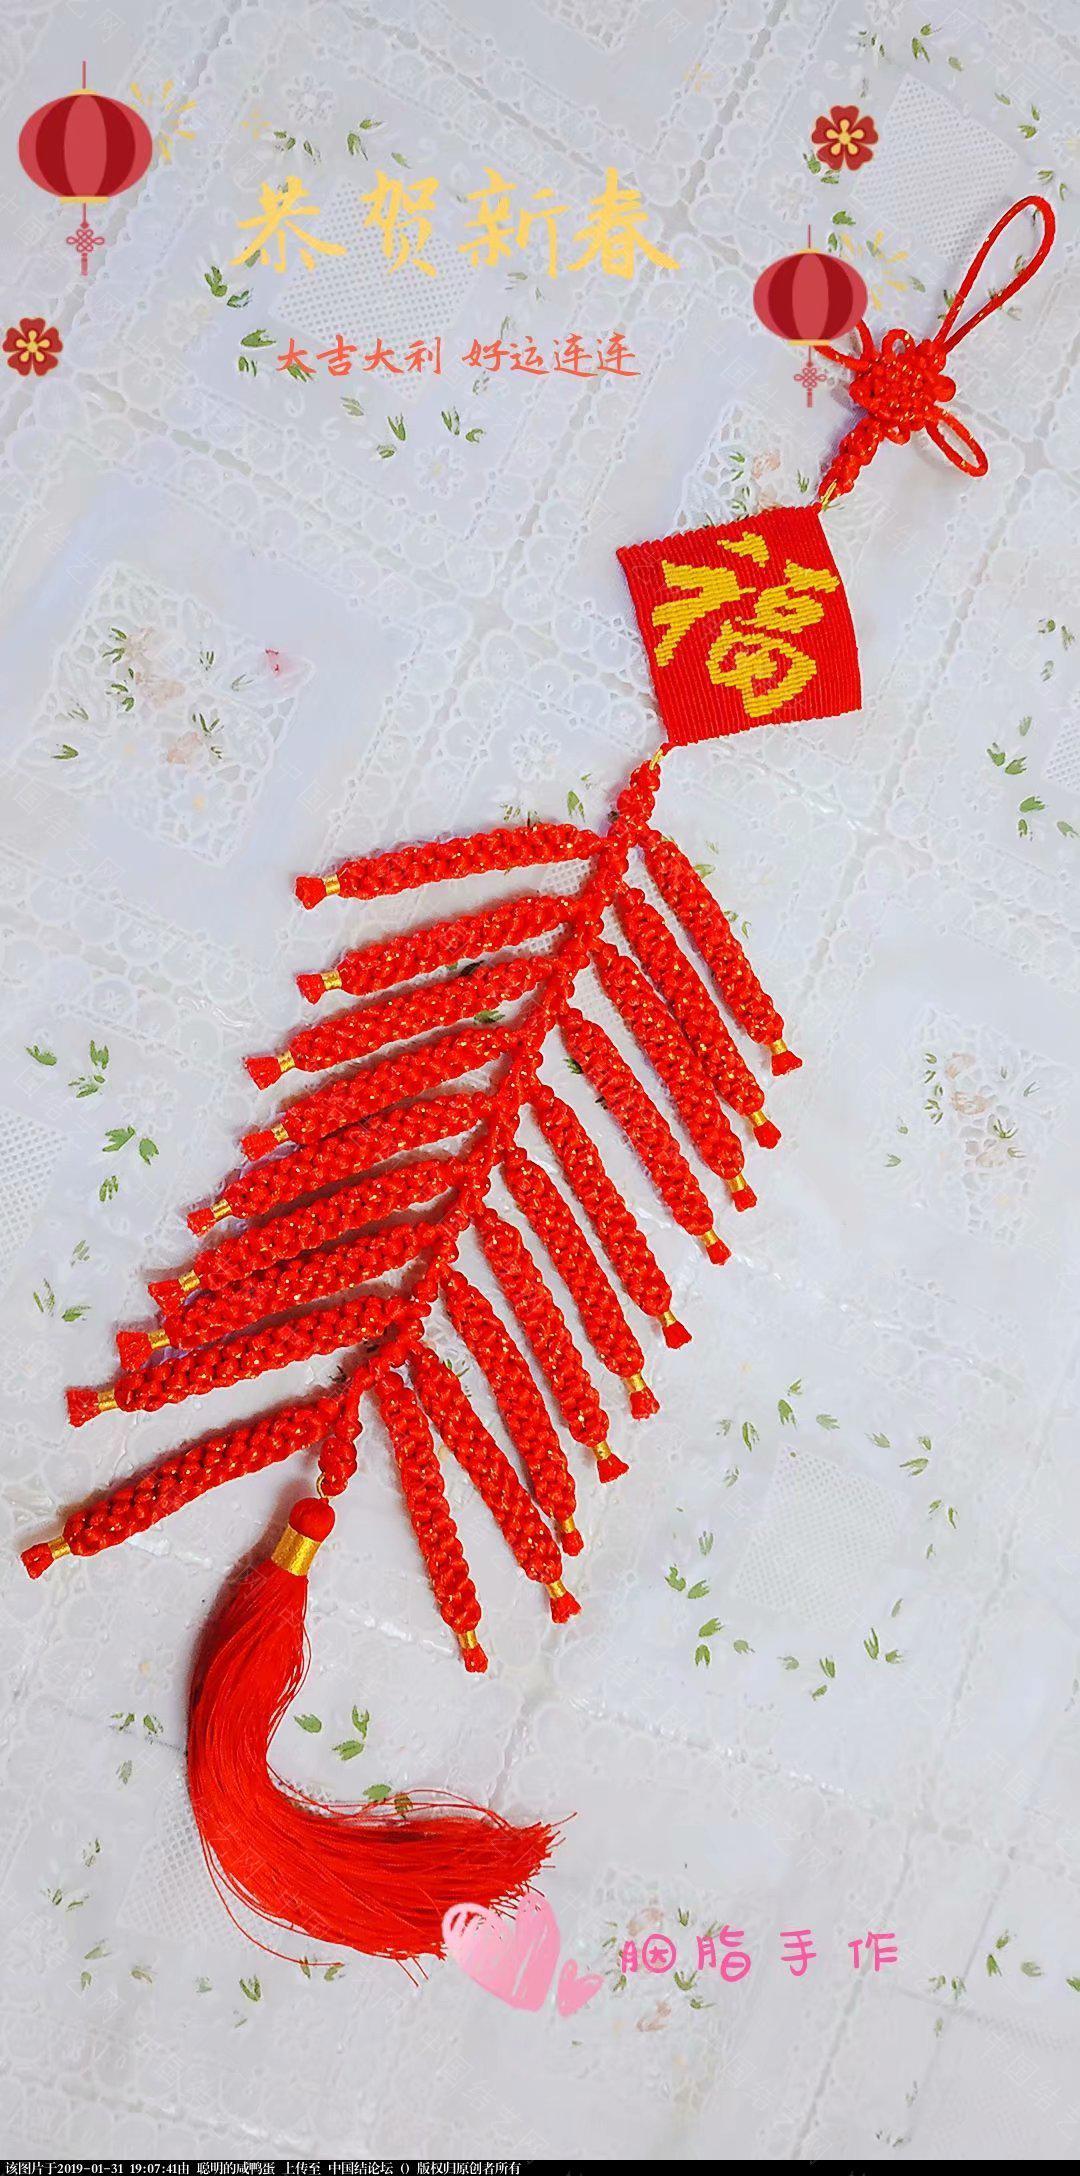 中国结论坛 红红火火小鞭炮 儿时小鞭炮,老式小鞭炮,自制小鞭炮,儿童小鞭炮,小鞭炮 作品展示 190705sgagg87gab5t7vy6